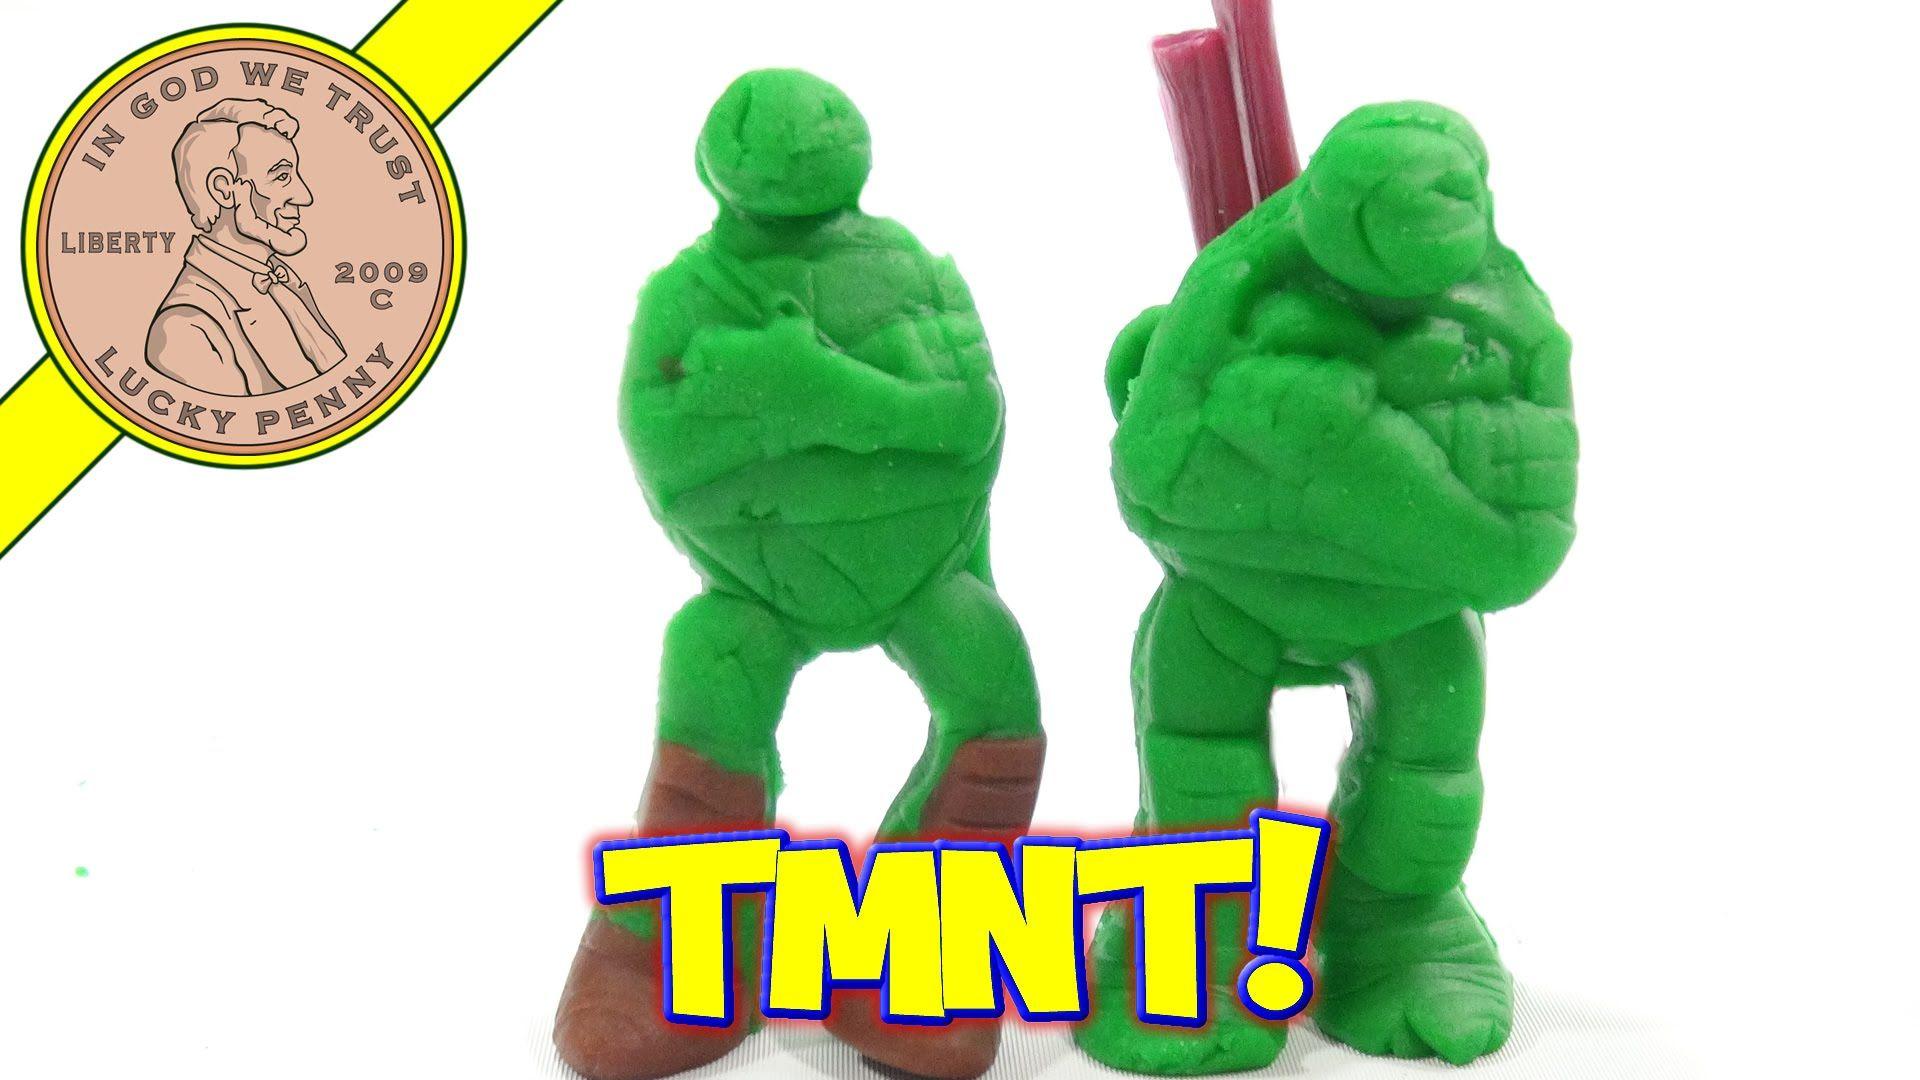 Teenage Mutant Ninja Turtles Maker Set! Cowabunga, Dude!  #TeenageMutantNinjaTurtles #TMNT #Playdoh